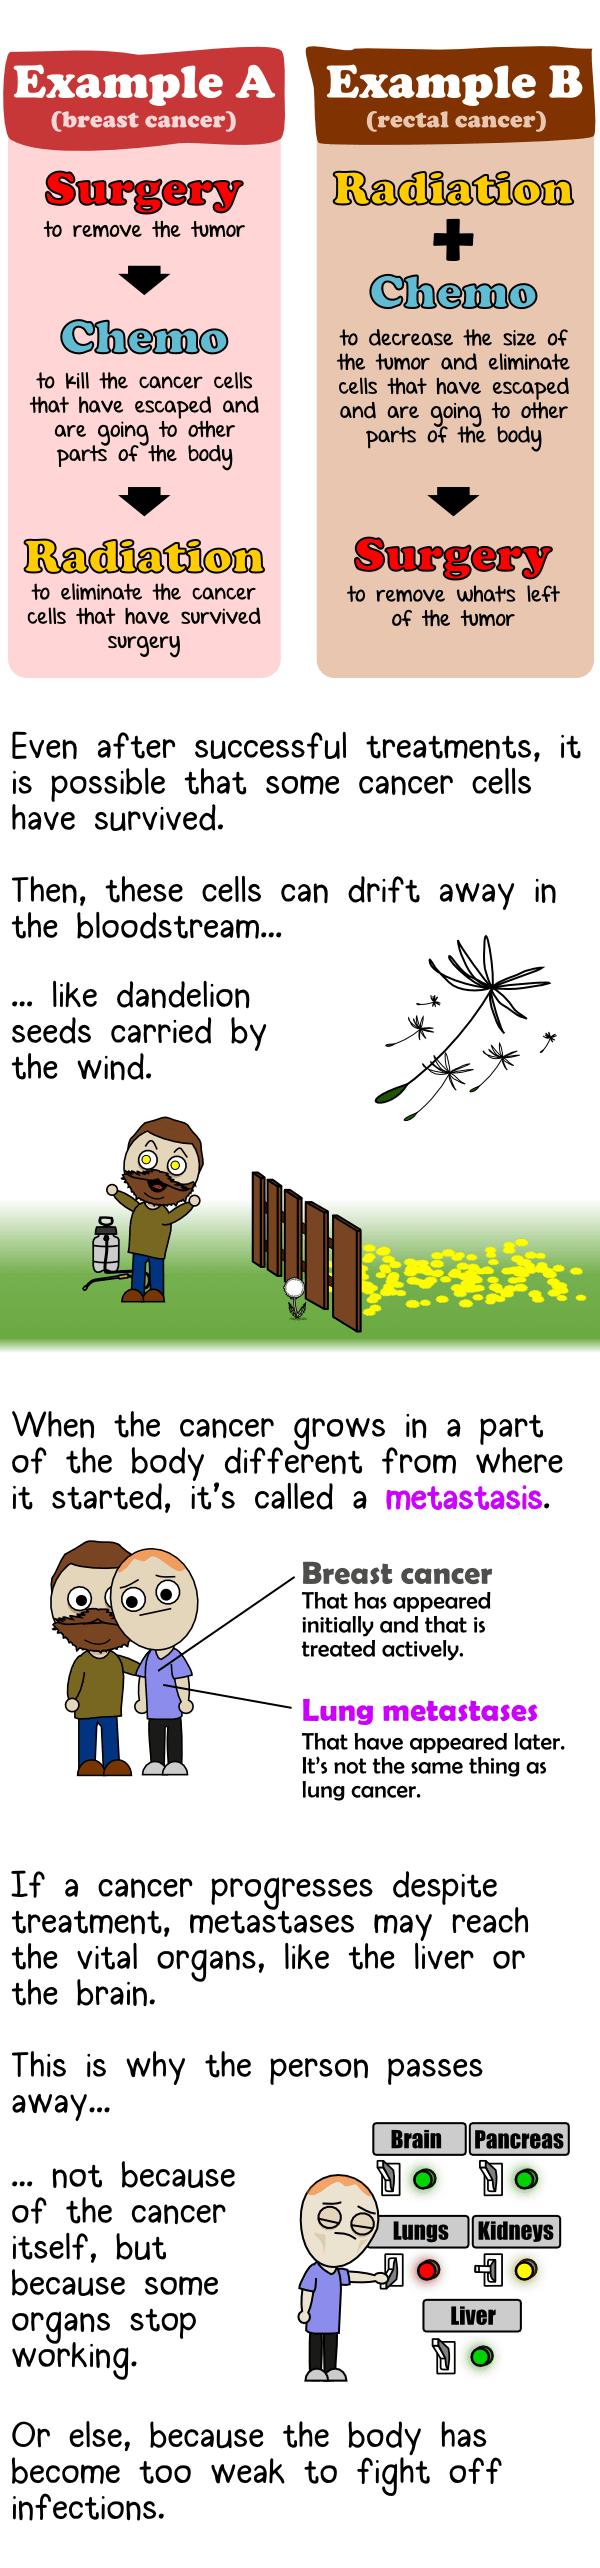 cancer07_EN_01